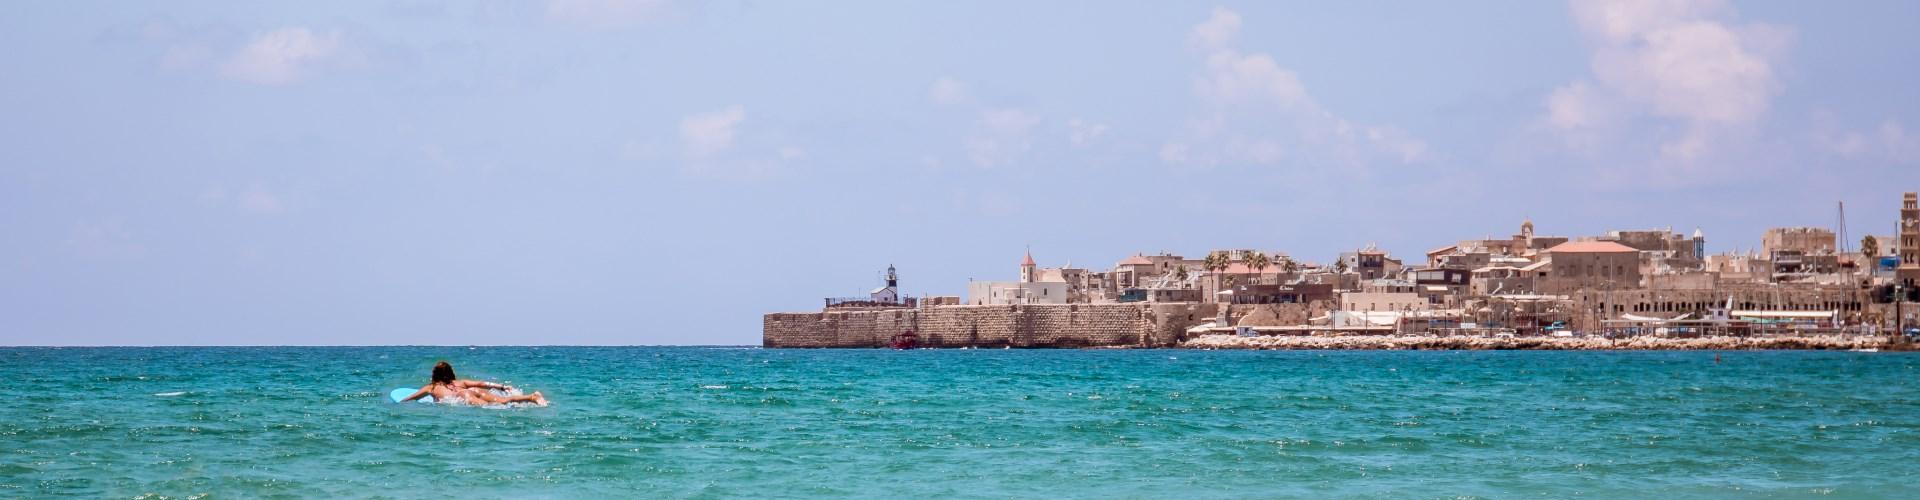 מבצעים ודילים לעכו - מלון חוף התמרים עכו